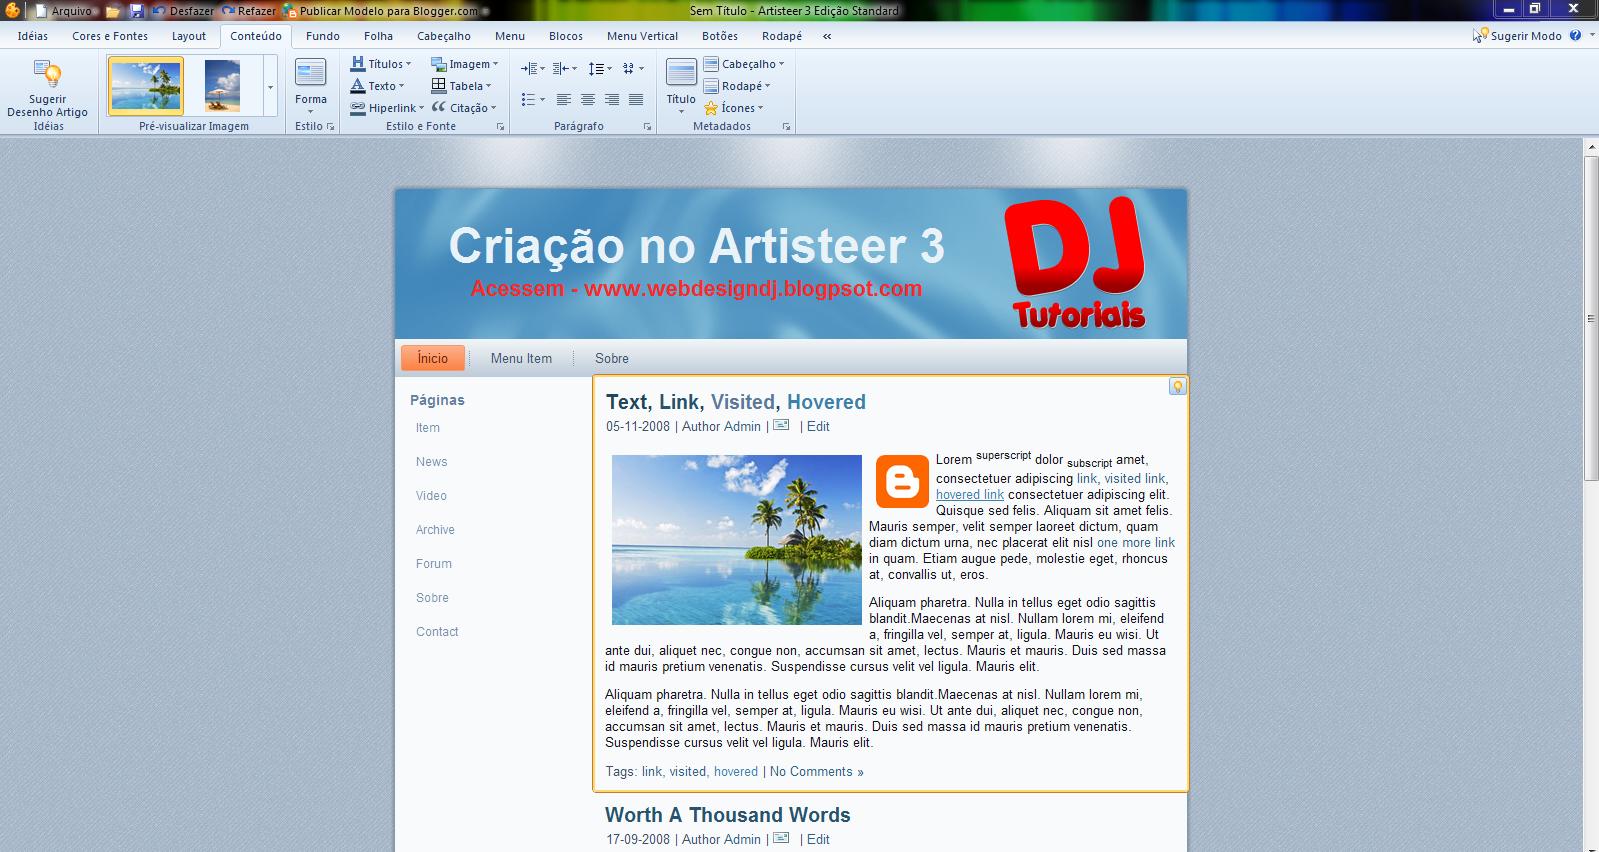 Тема поста - artisteer 3.1.0 crack скачать торрент .